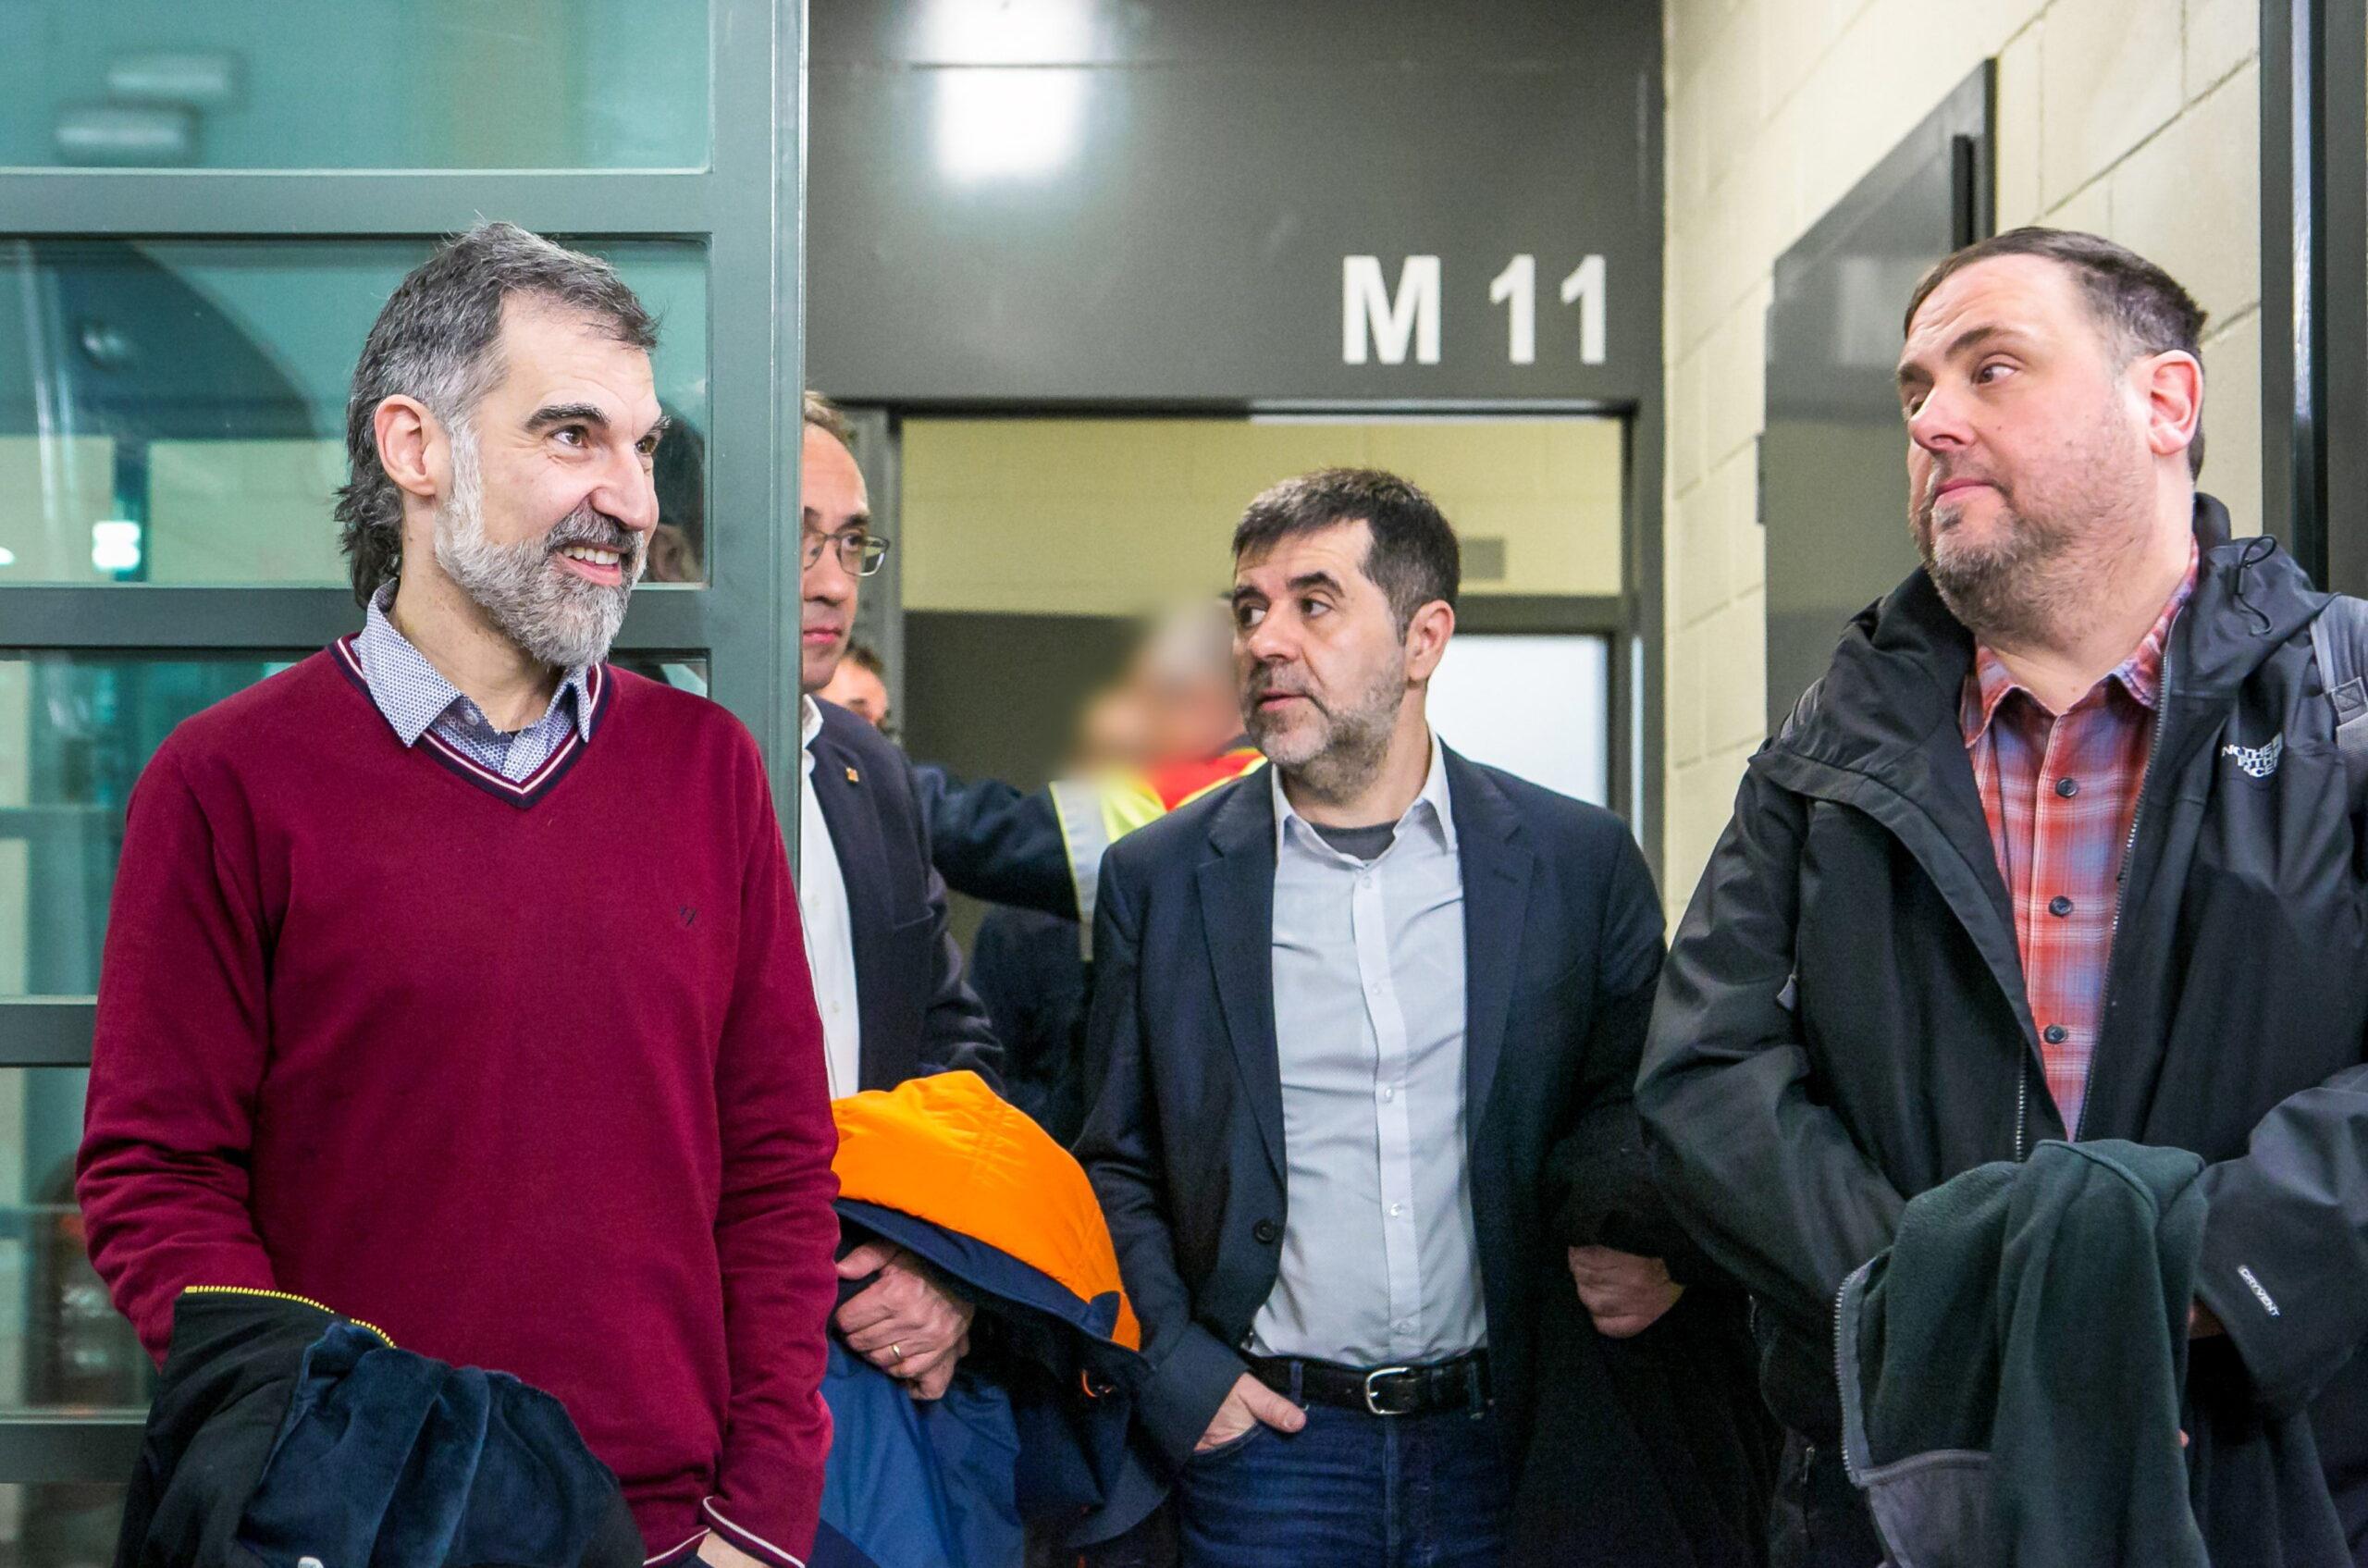 Pla mitjà de Jordi Cuixart, Josep Rull, Jordi Sànchez i Oriol Junqueras durant el seu trasllat a Madrid pel judici de l'1-O l'1 de febrer de 2019 | ACN